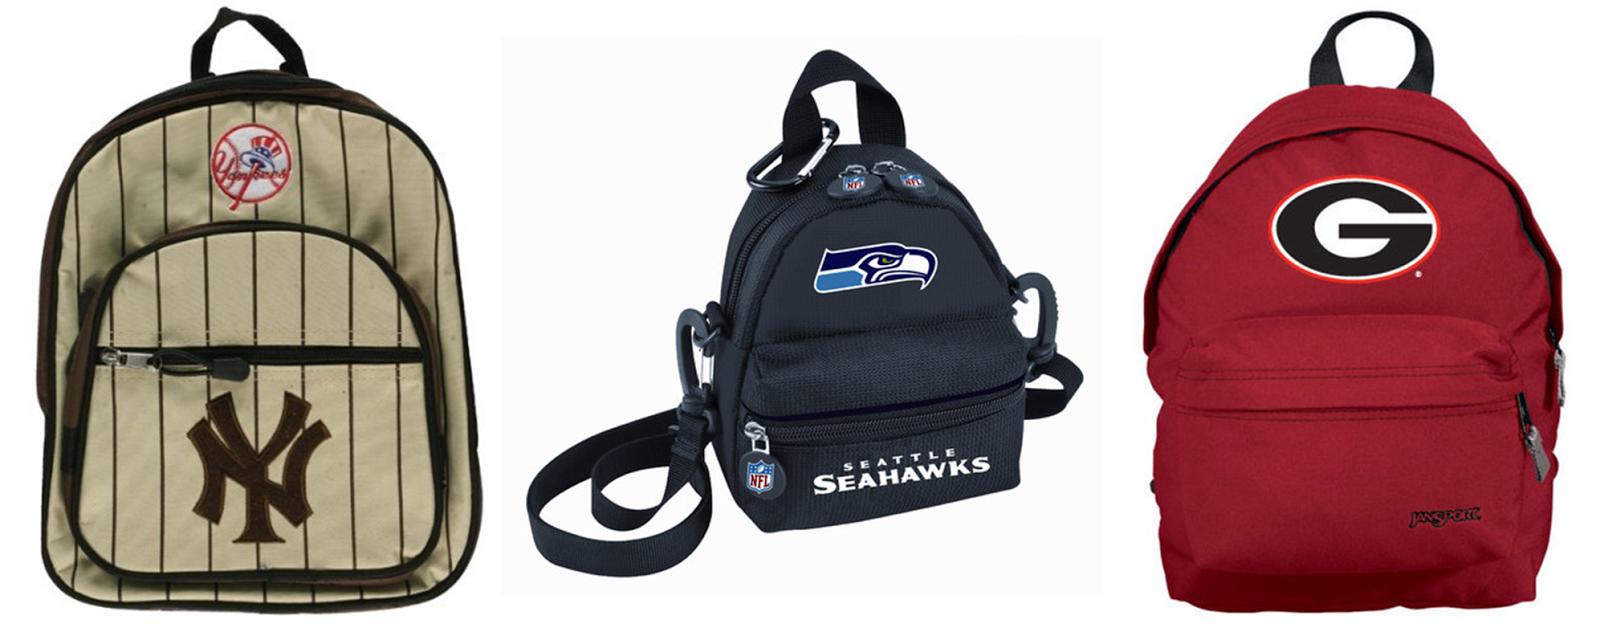 Small Backpacks For Kids – TrendBackpack